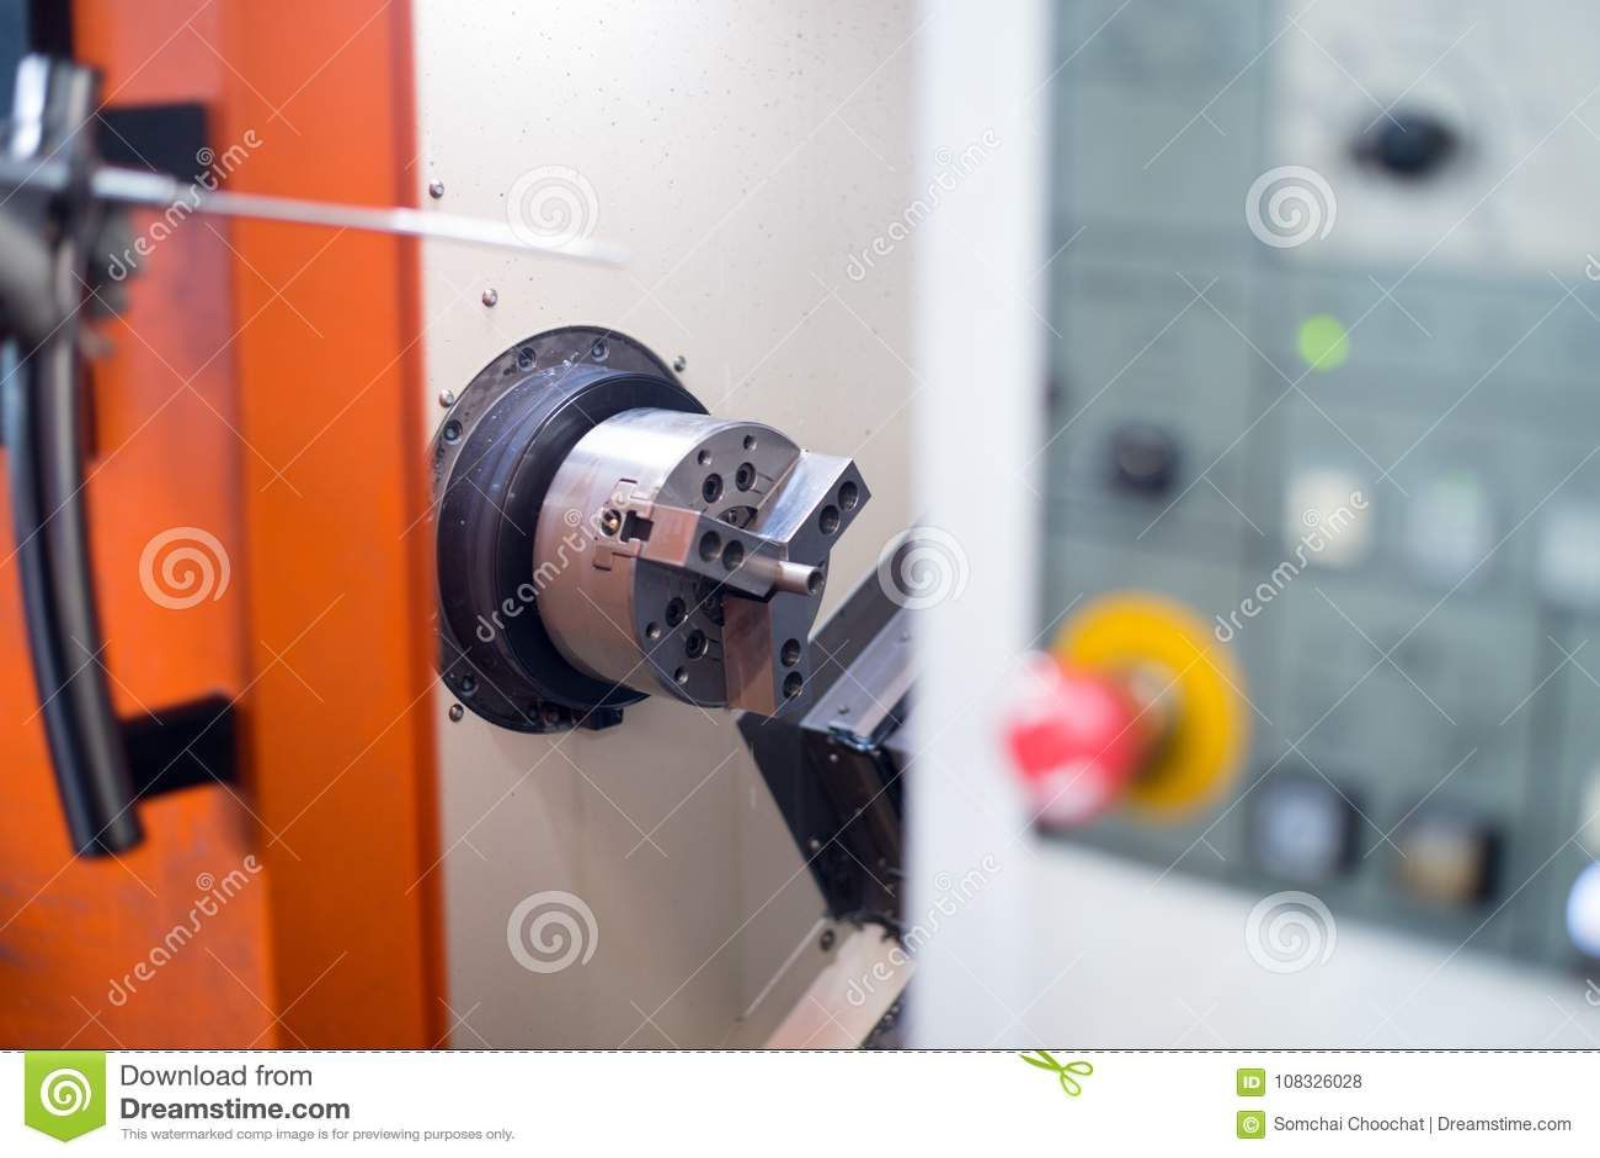 Токарный станок CNC в процессе производства